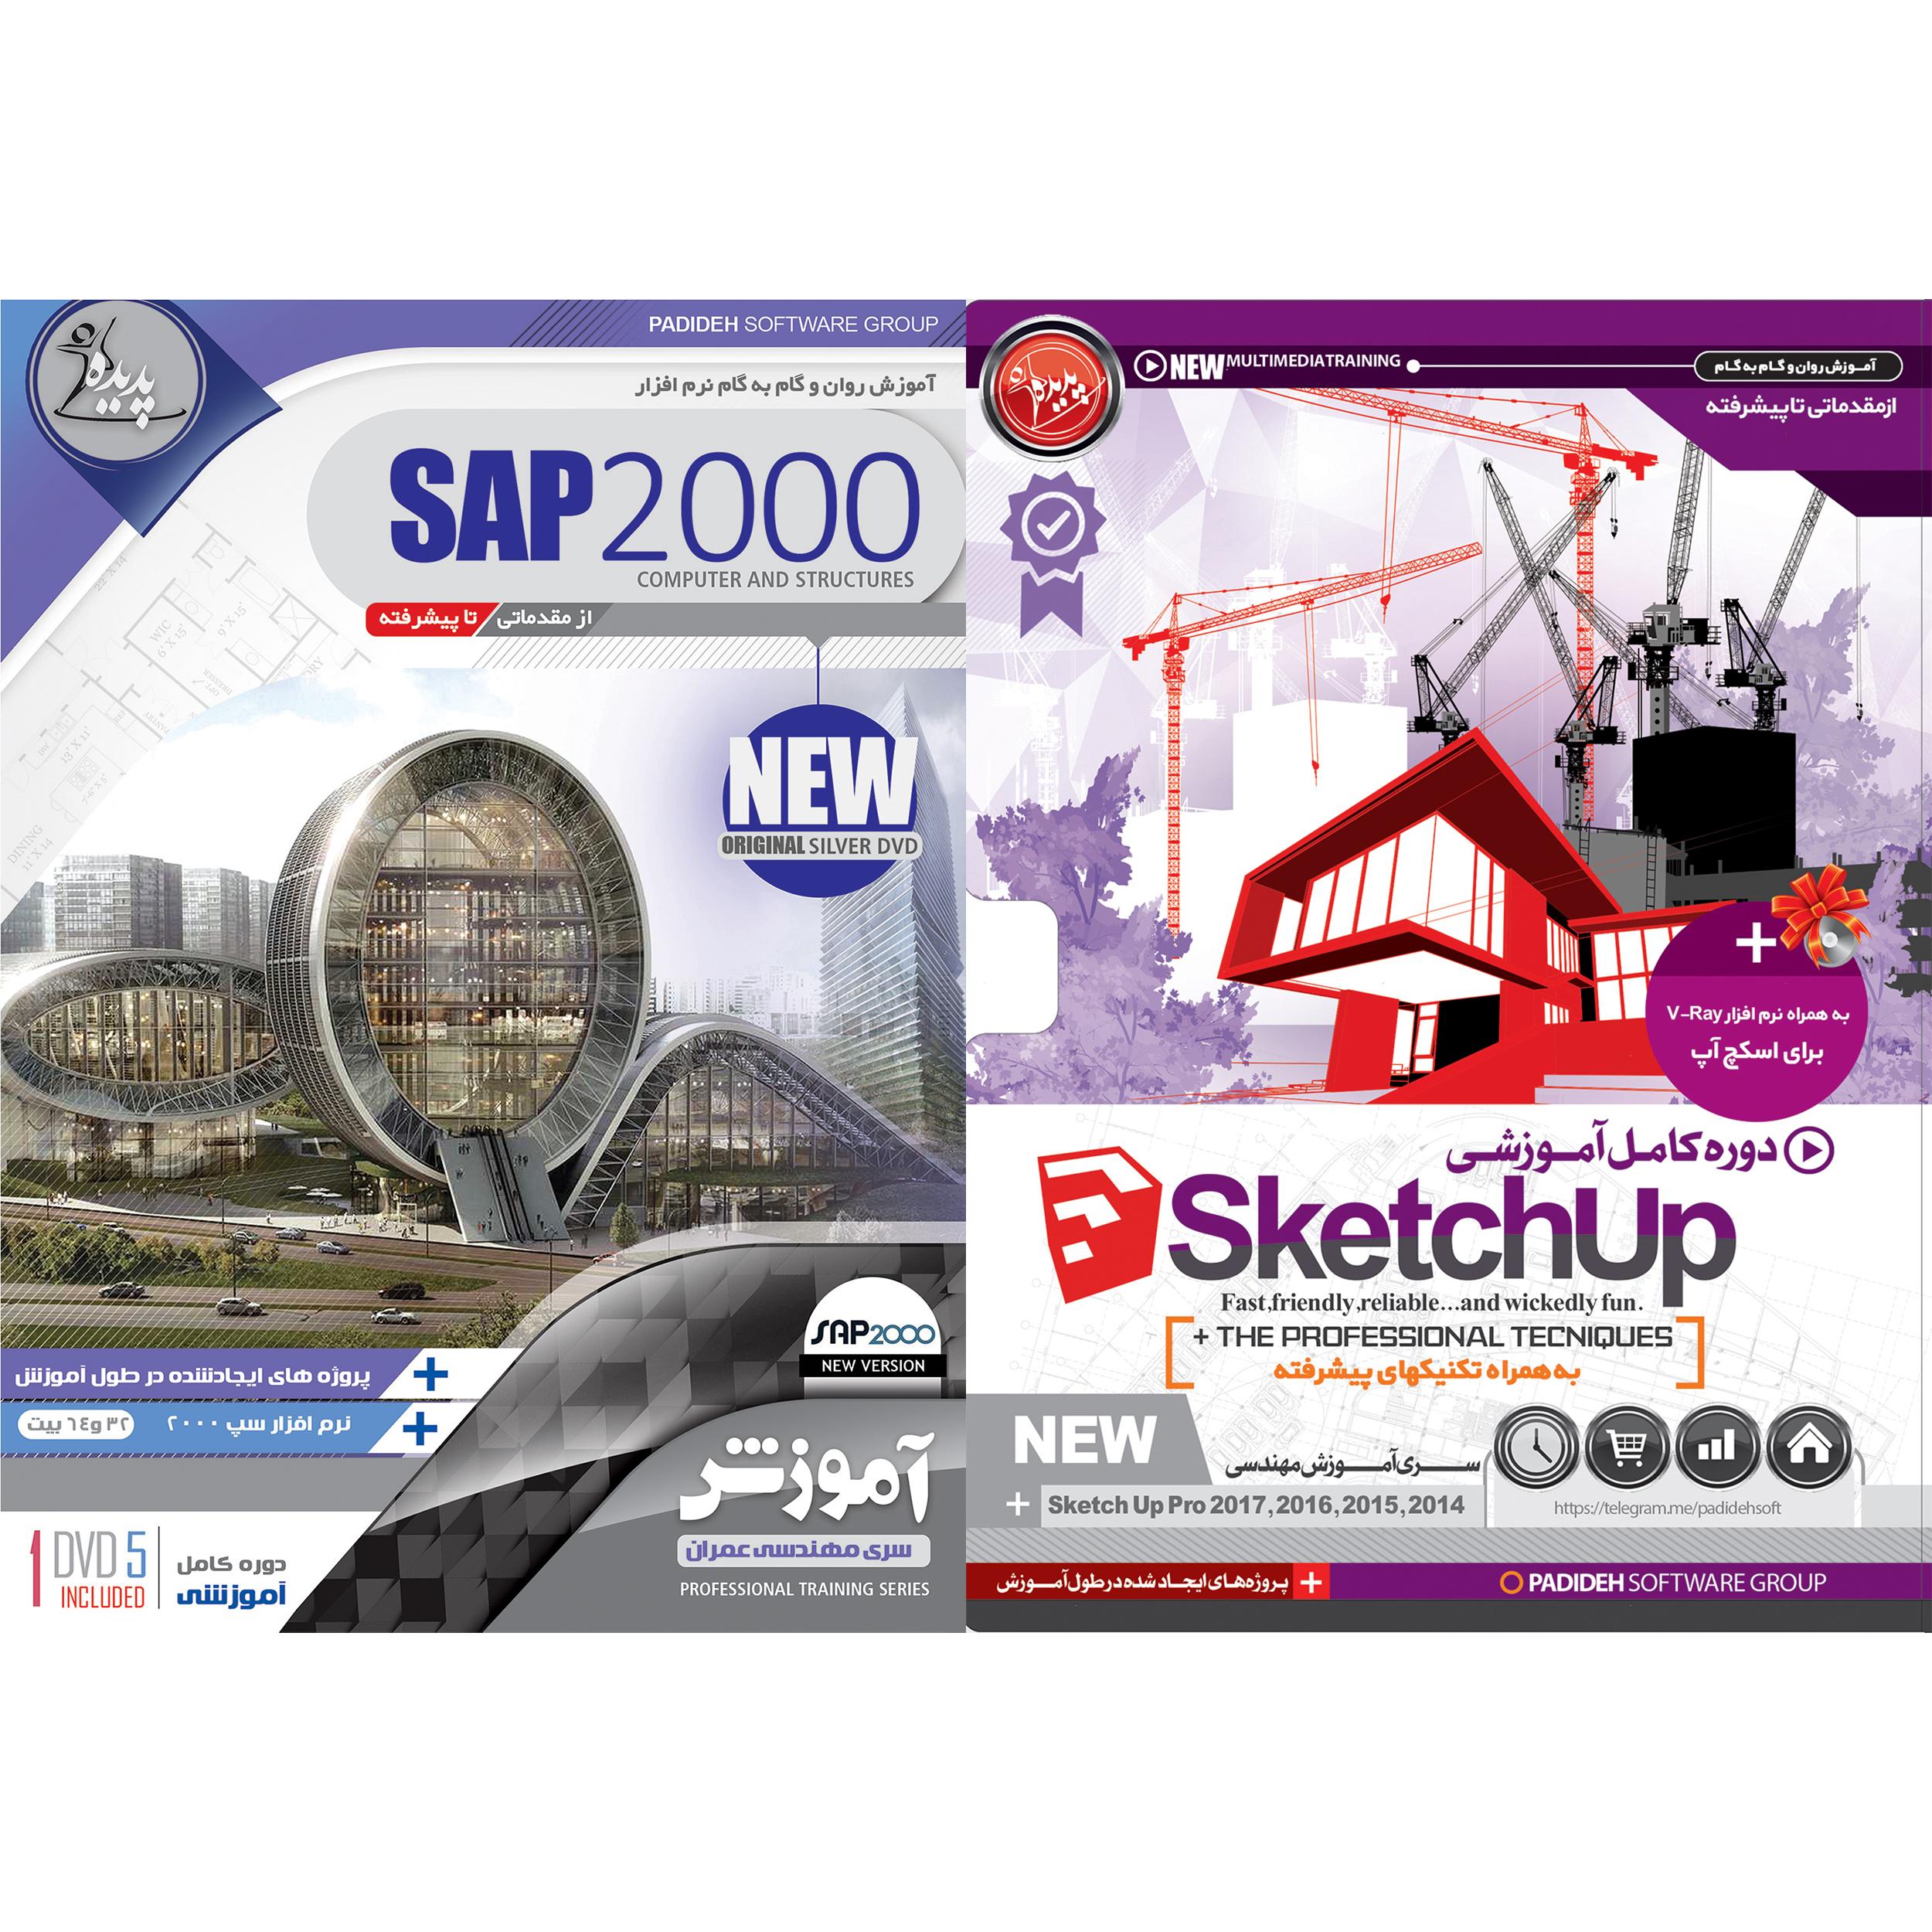 نرم افزار آموزش SketchUP نشر پدیده به همراه نرم افزار آموزش SAP 2000 نشر پدیده